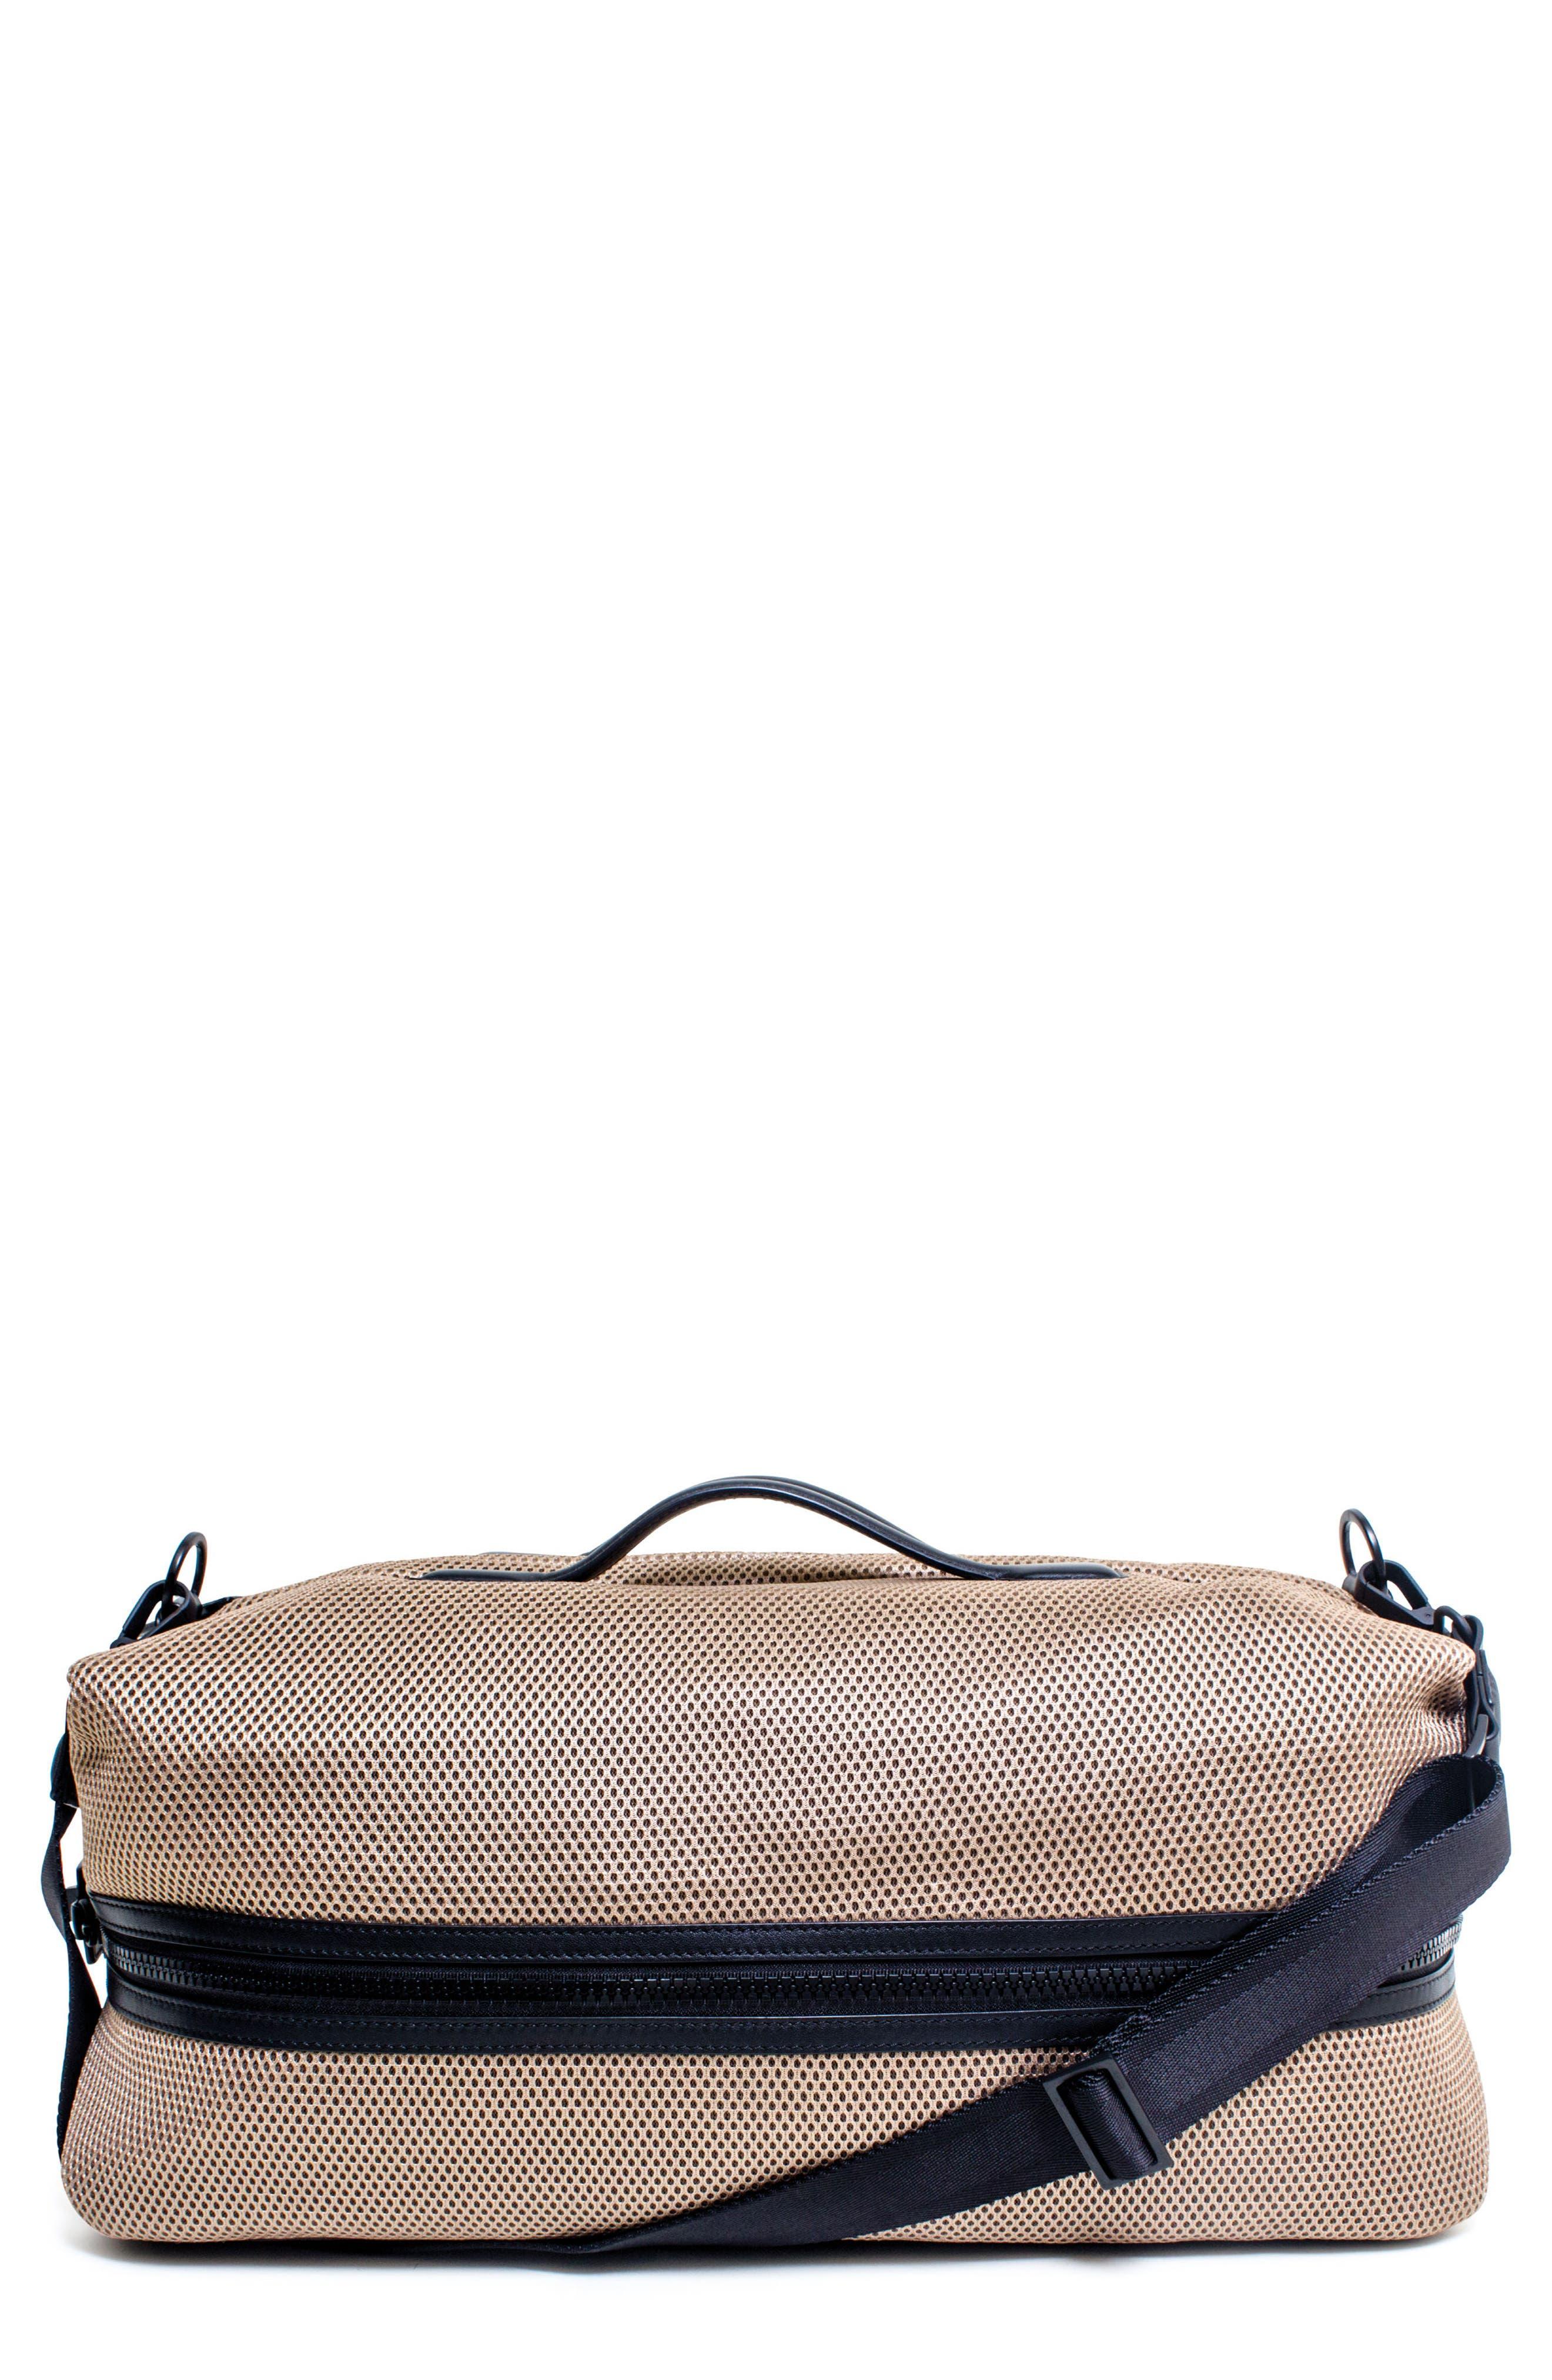 Caraa Studio Mesh Duffel Bag